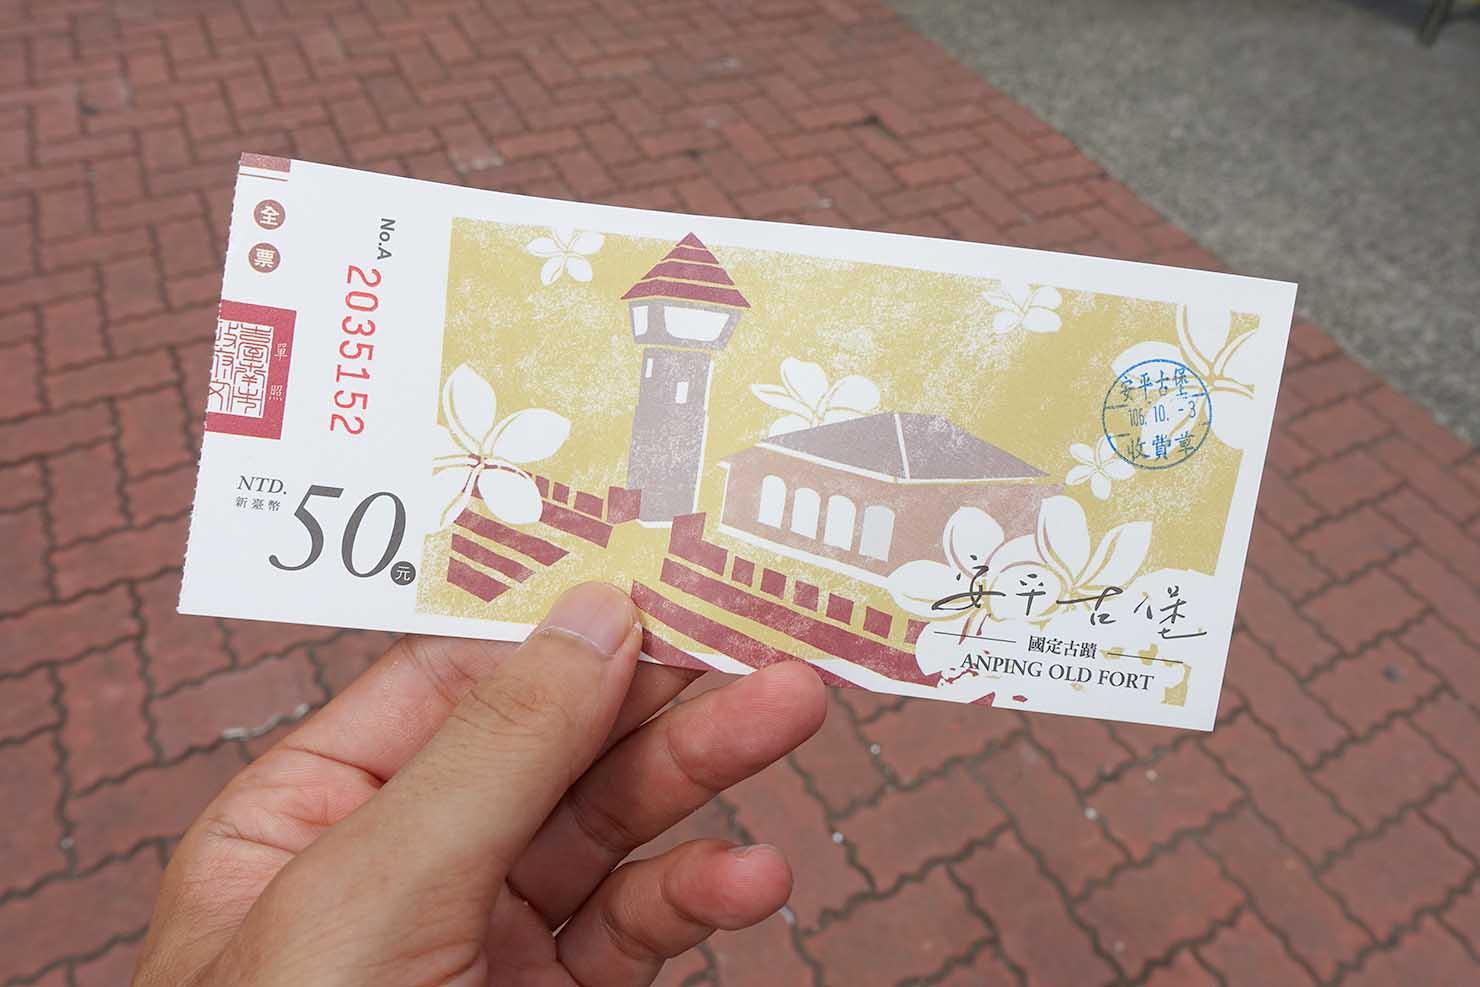 台湾の古都・台南のおすすめ観光スポット「安平古堡」のチケット